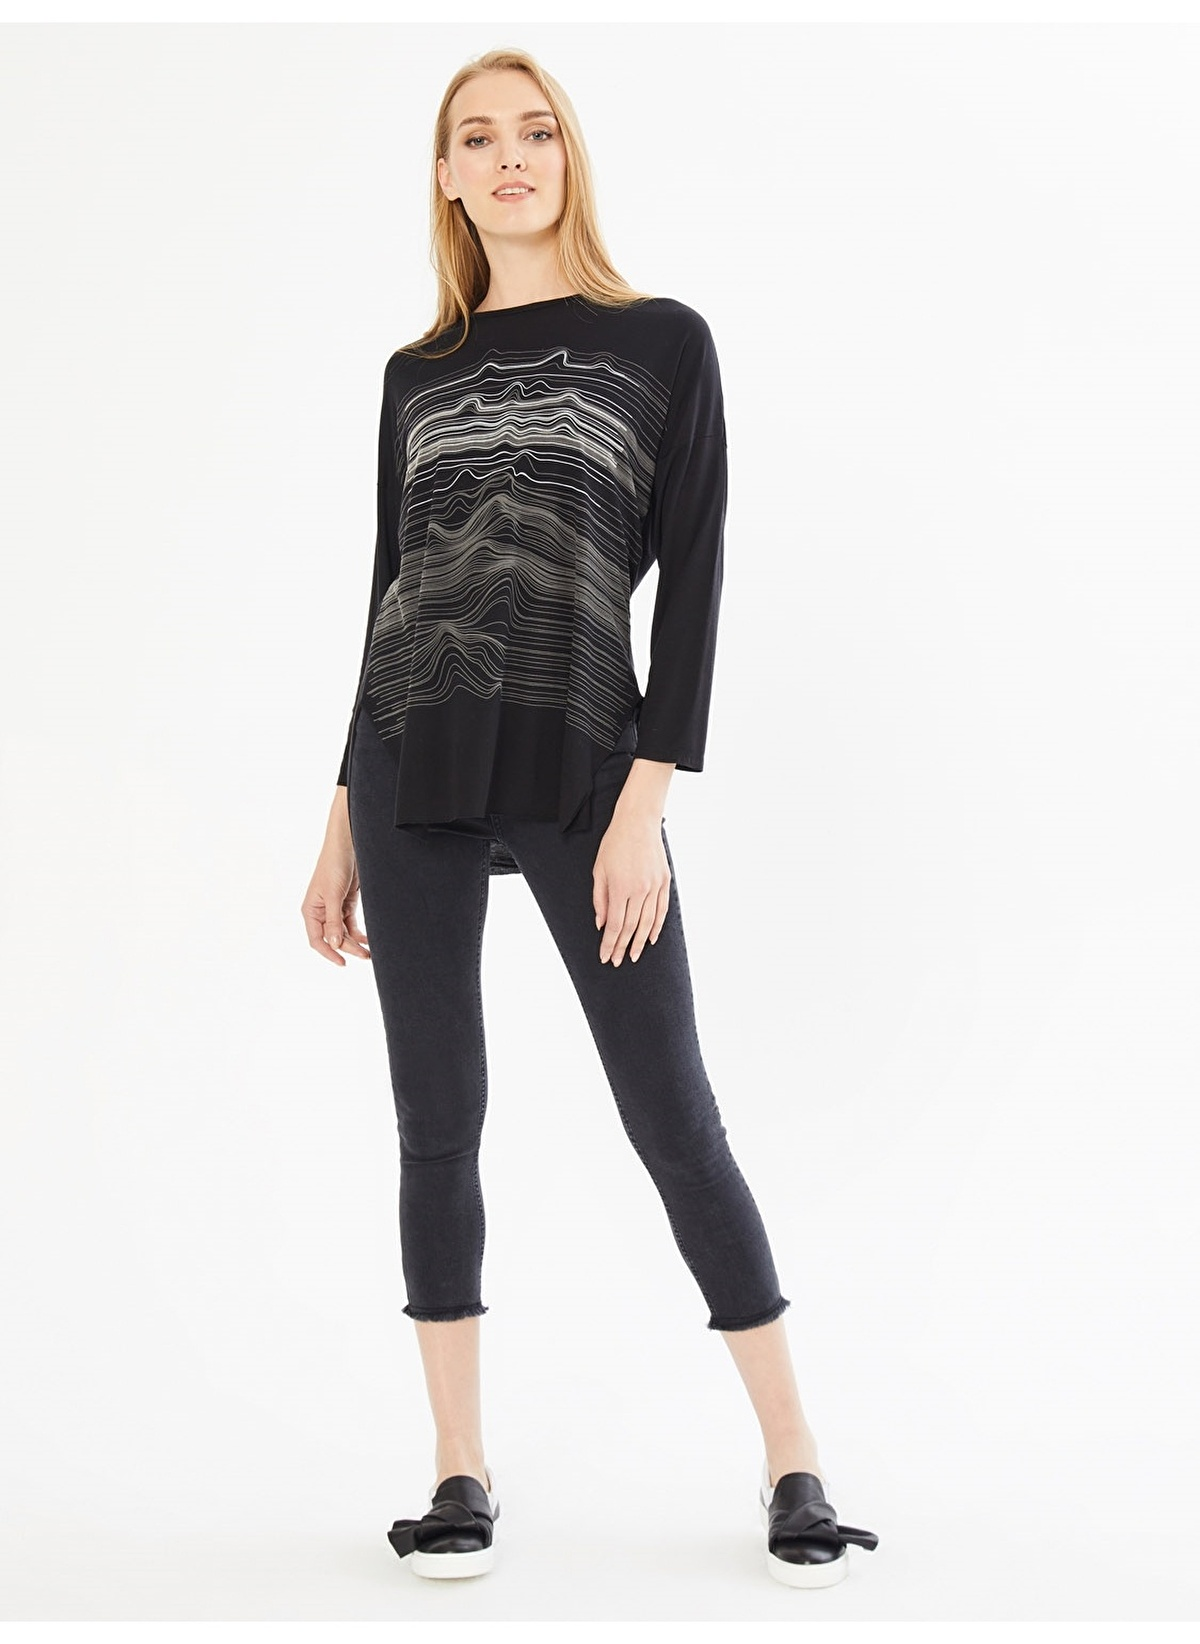 434b6acd8f032 Xint Kadın Tişört Siyah İndirimli Fiyat | Morhipo | 22214205